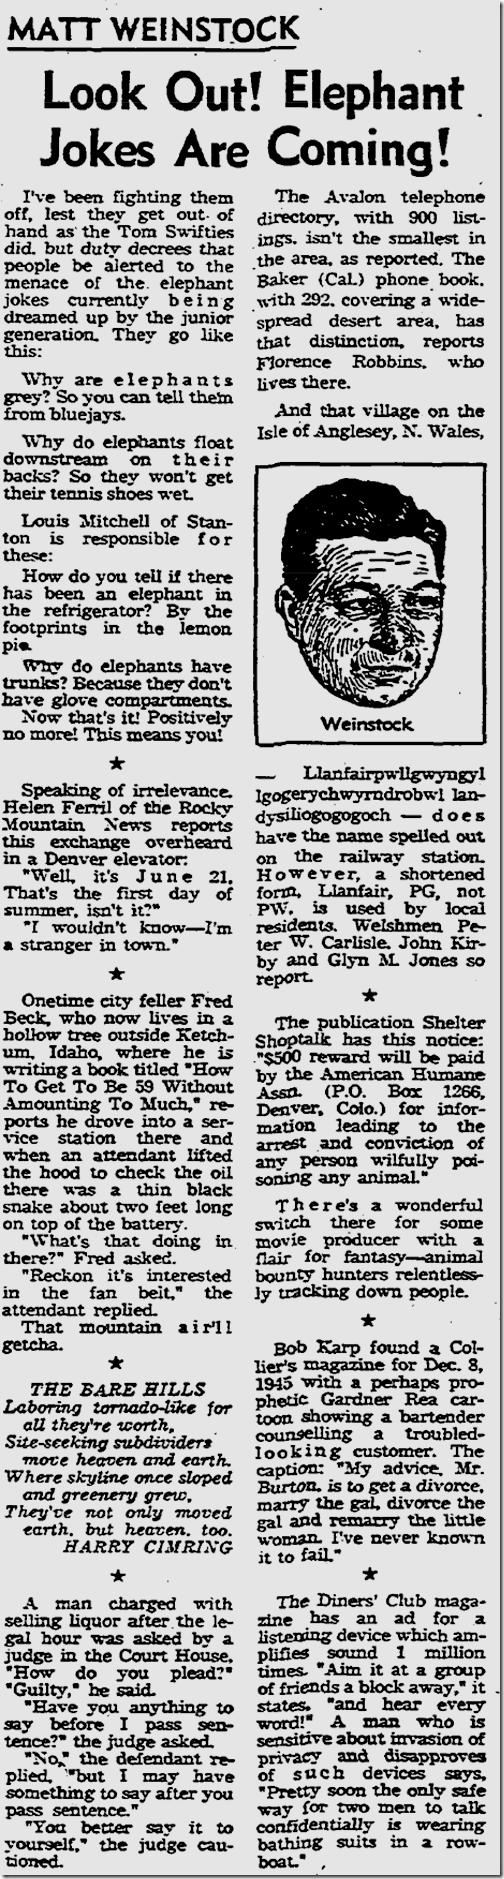 July 12, 1963, Matt Weinstock